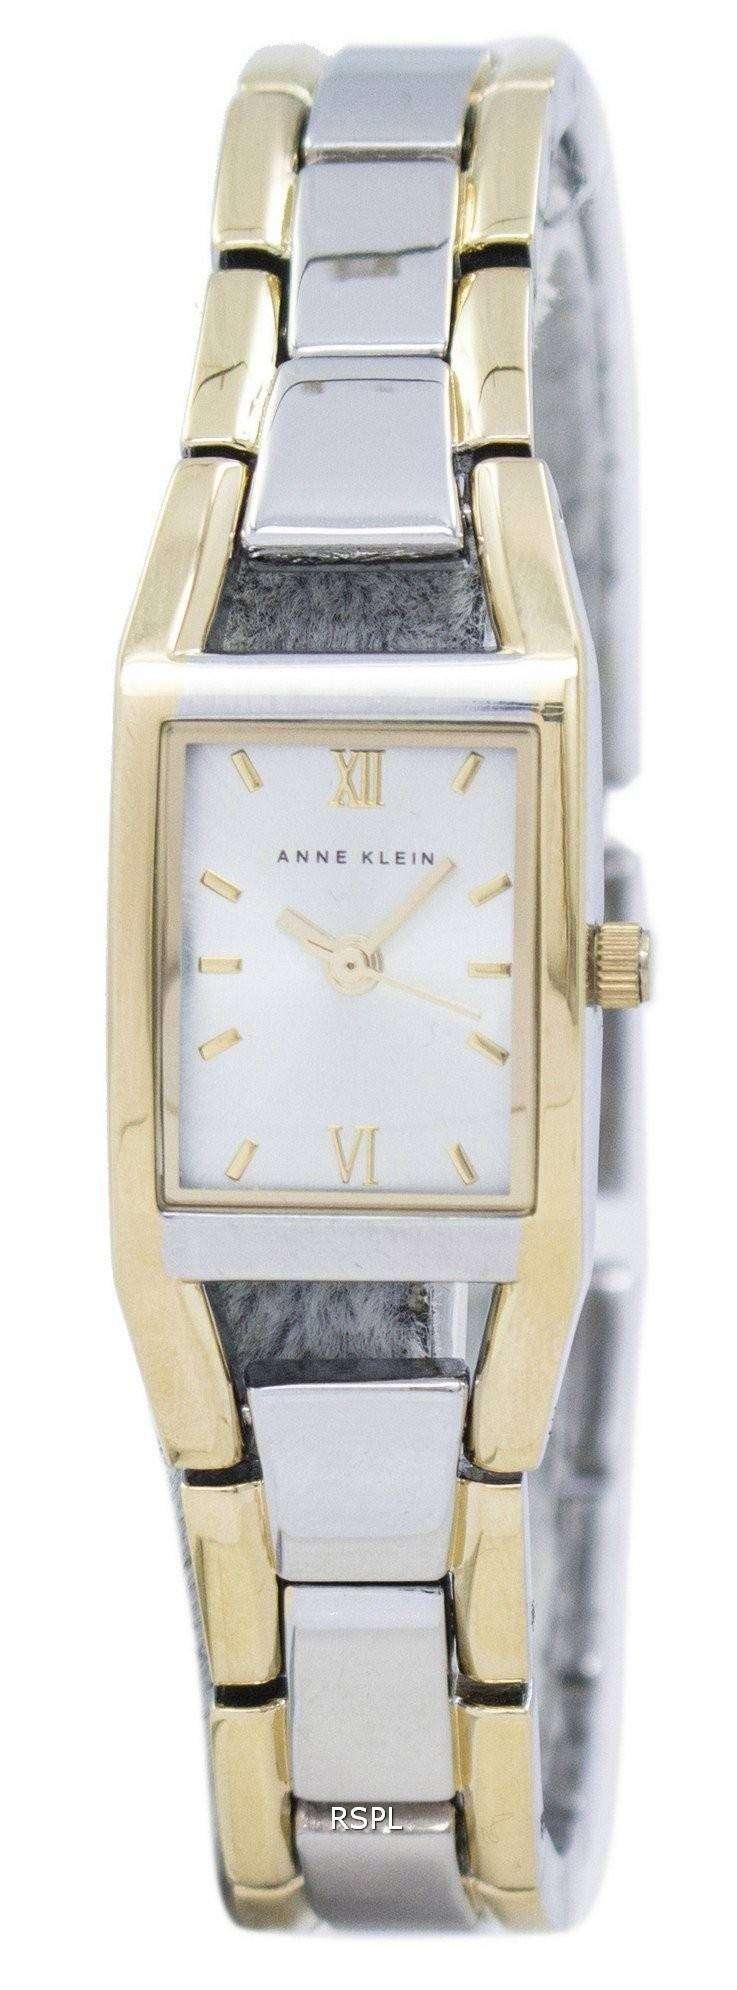 アン ・ クライン石英 6419SVTT レディース腕時計